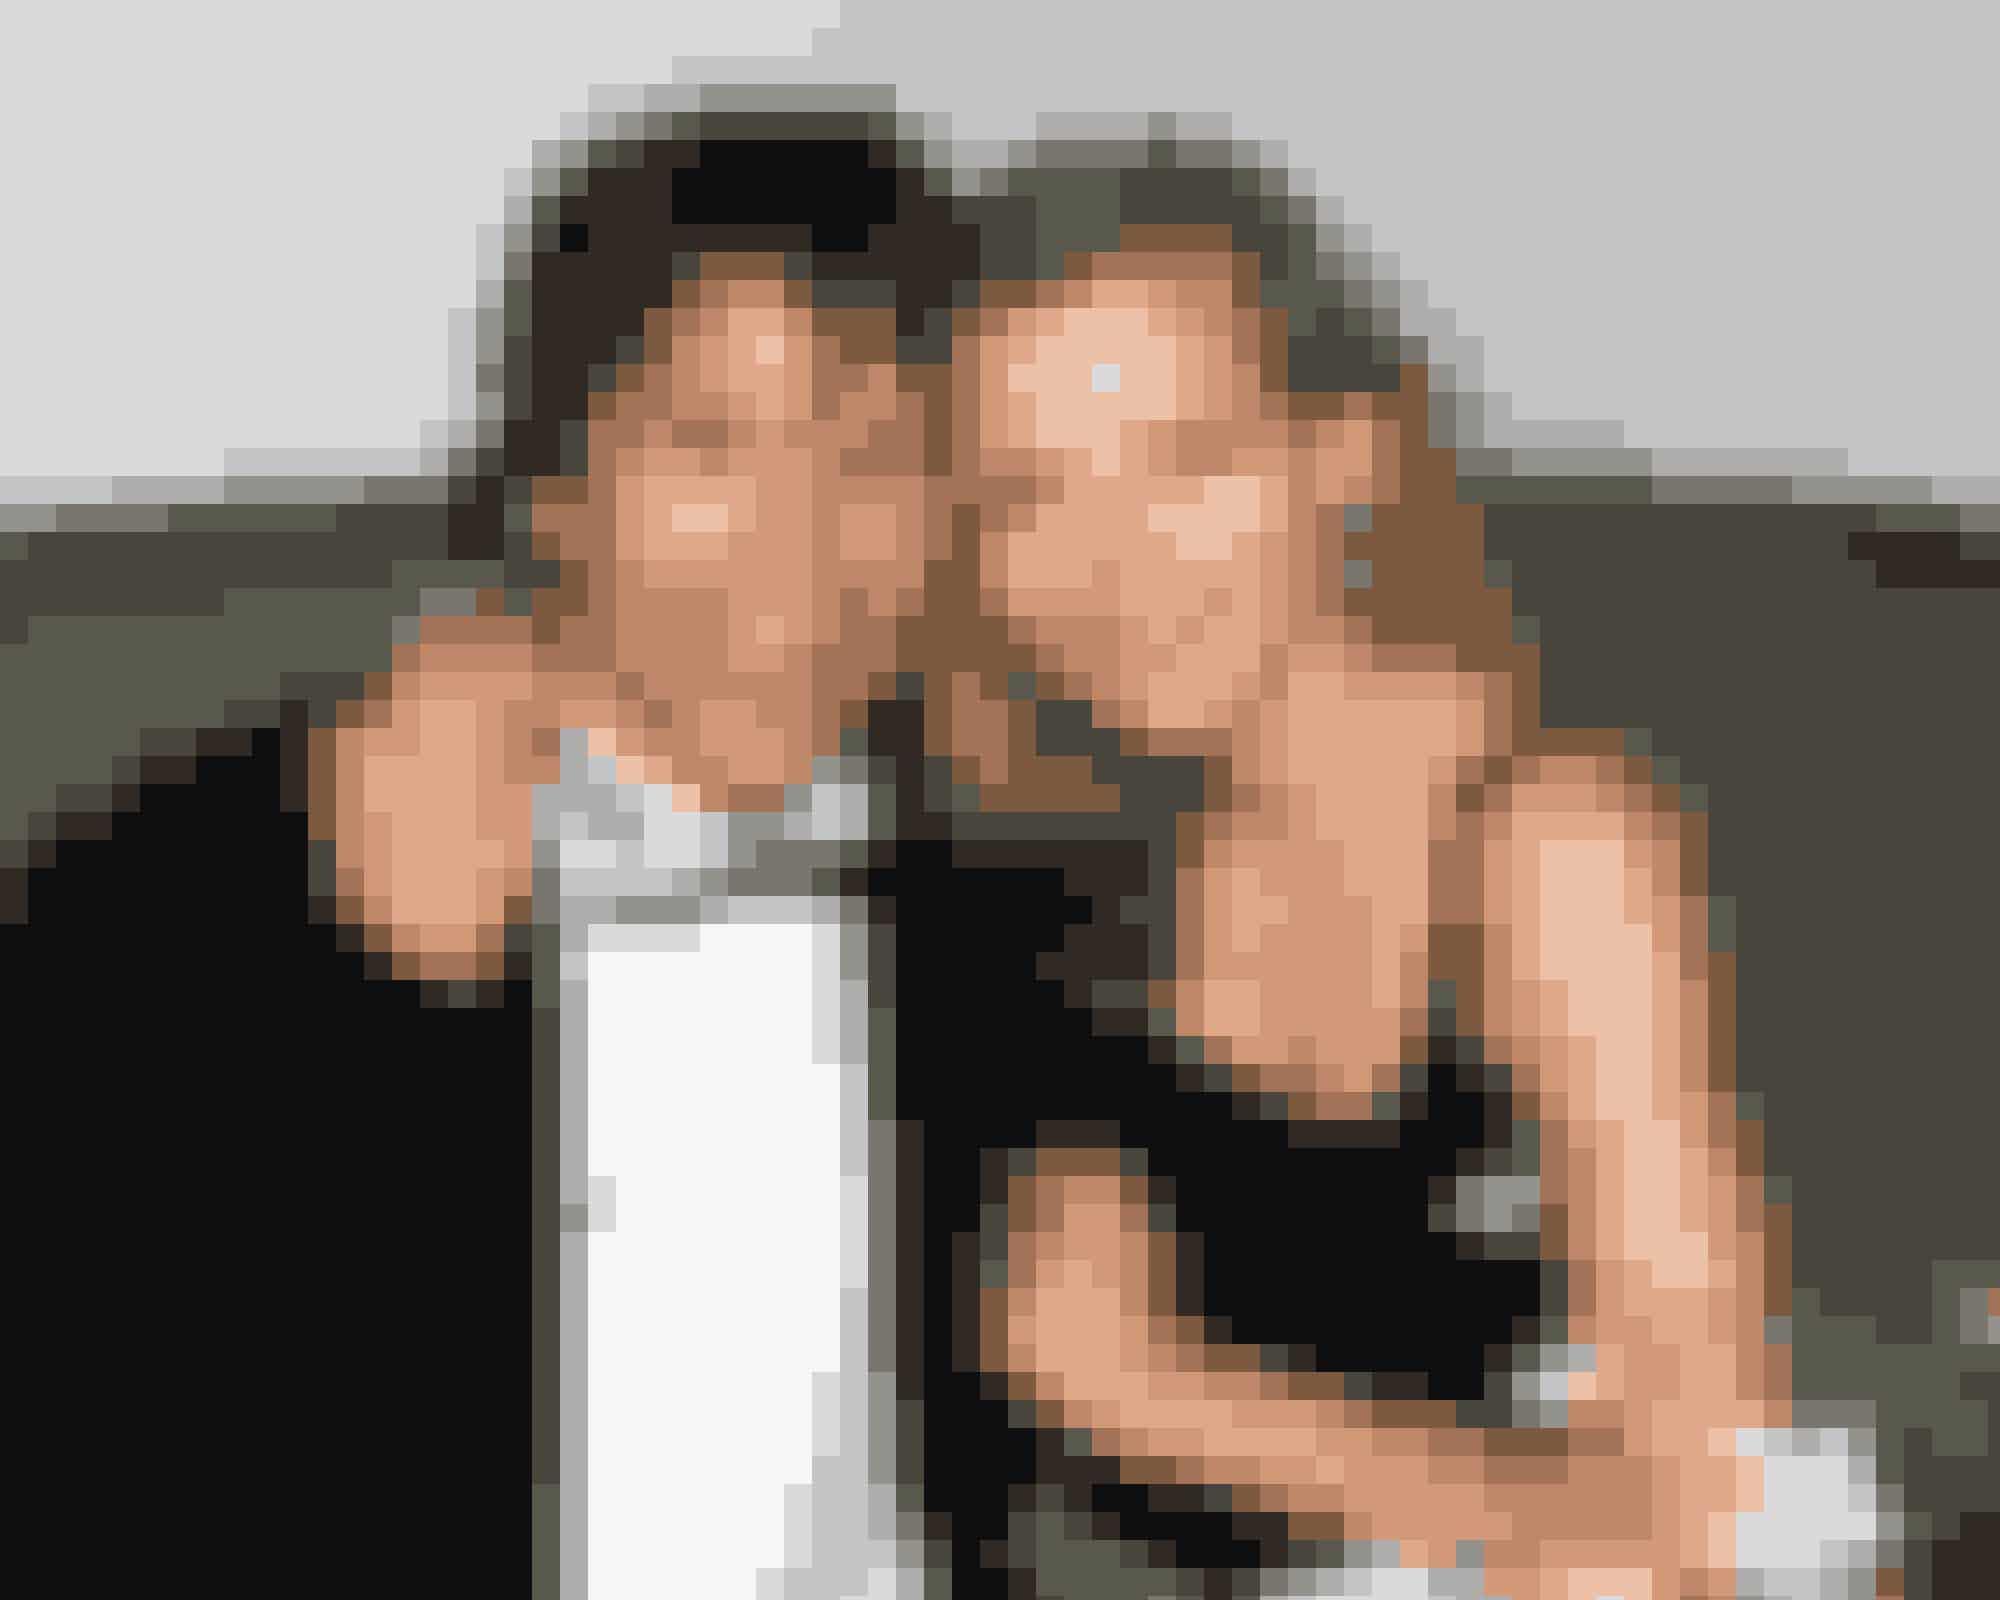 Michelle Pfeiffer har været gift med David E. Kelley siden 1993. Han er manden bag serierne 'Ally McBeal', 'Forsvarerne' og 'Big Little Lies'.